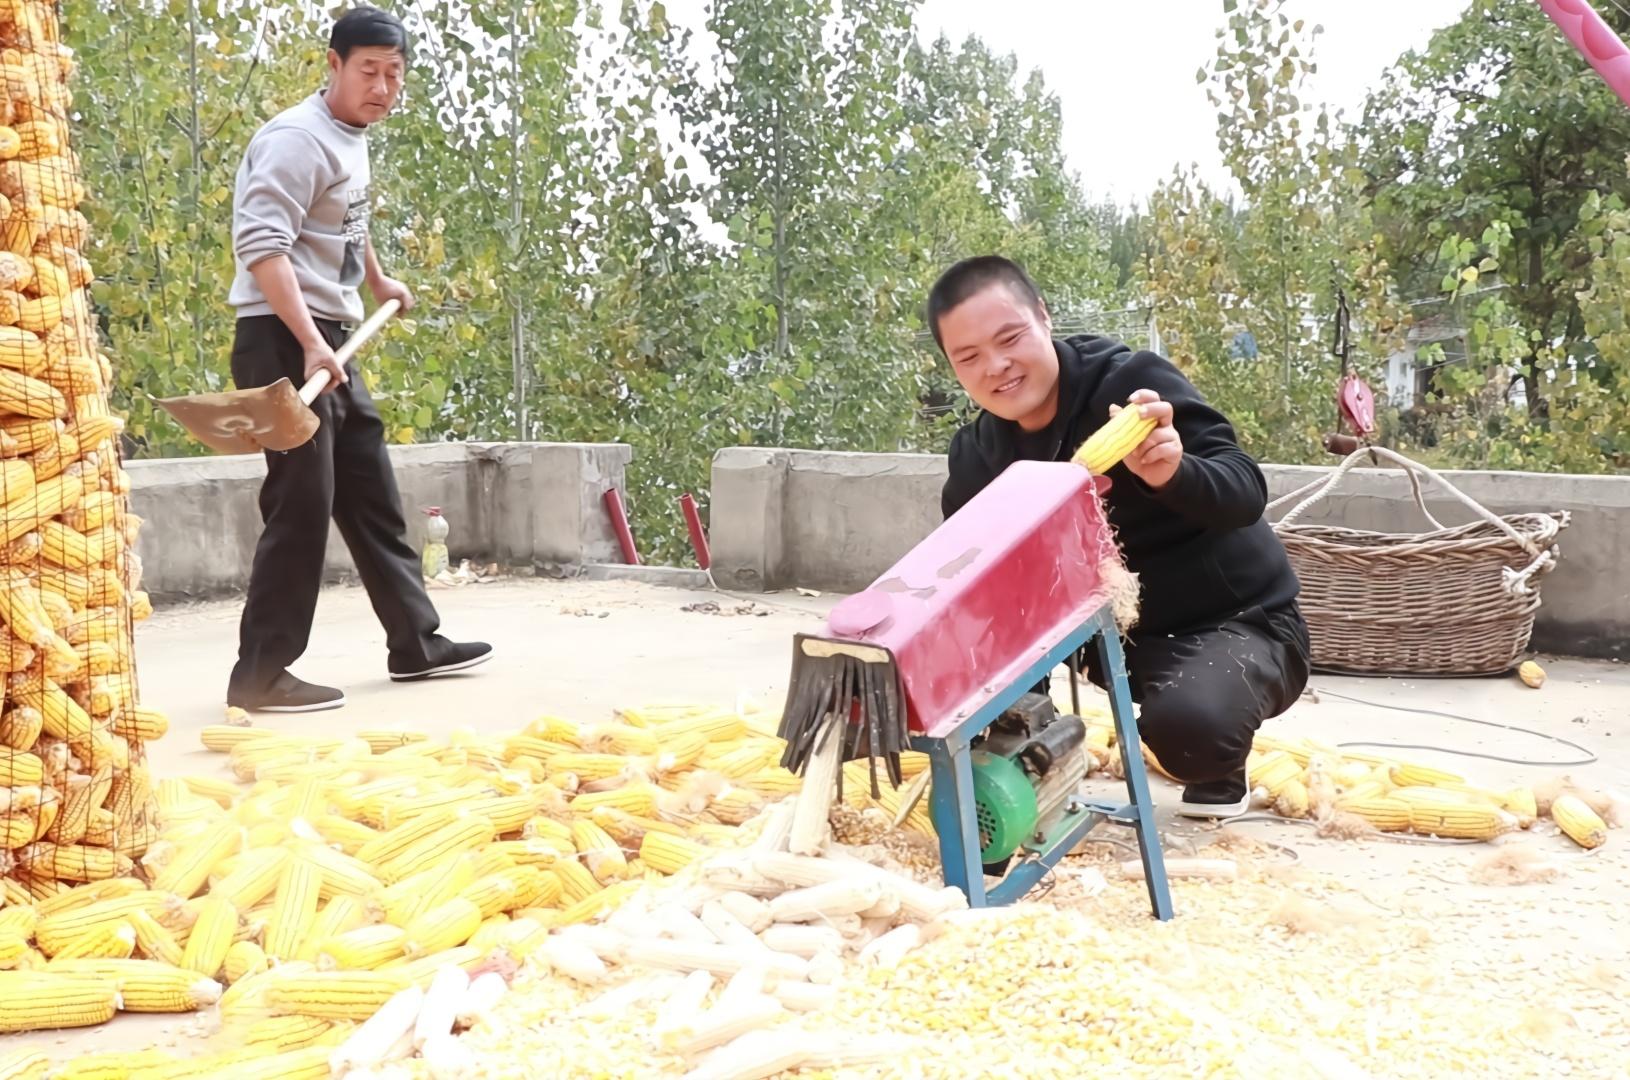 小伙岳父家拖玉米,女婿为啥不去帮忙?却让朋友去干活